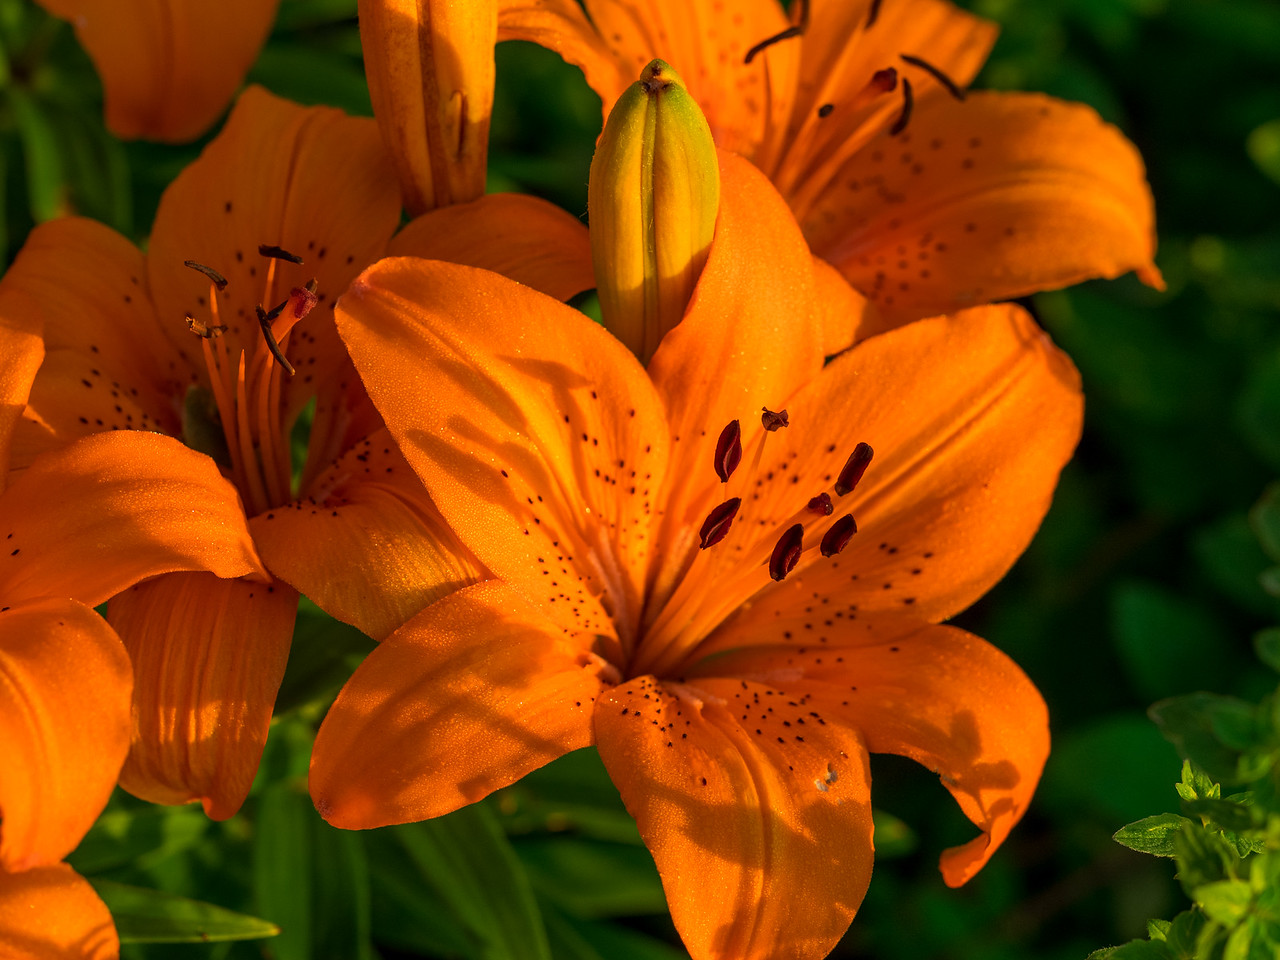 Daylilies at sunrise